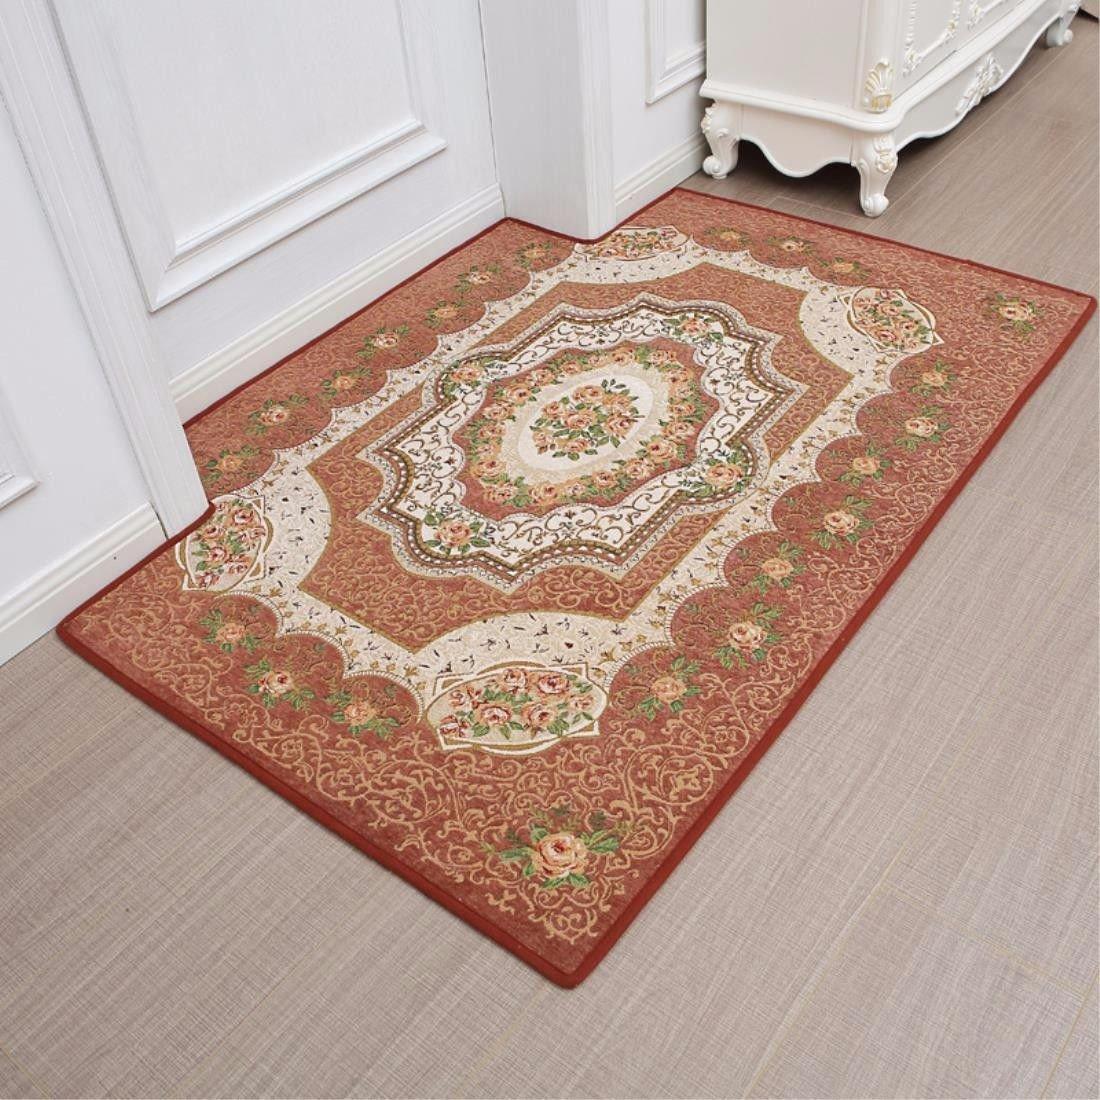 LIUXINDA-DT Modern household carpet, door carpet, lobby carpet, bedroom carpet, living room carpet, antiskid carpet,90cm (23.6 x 60 x 35.4 ''),棕色